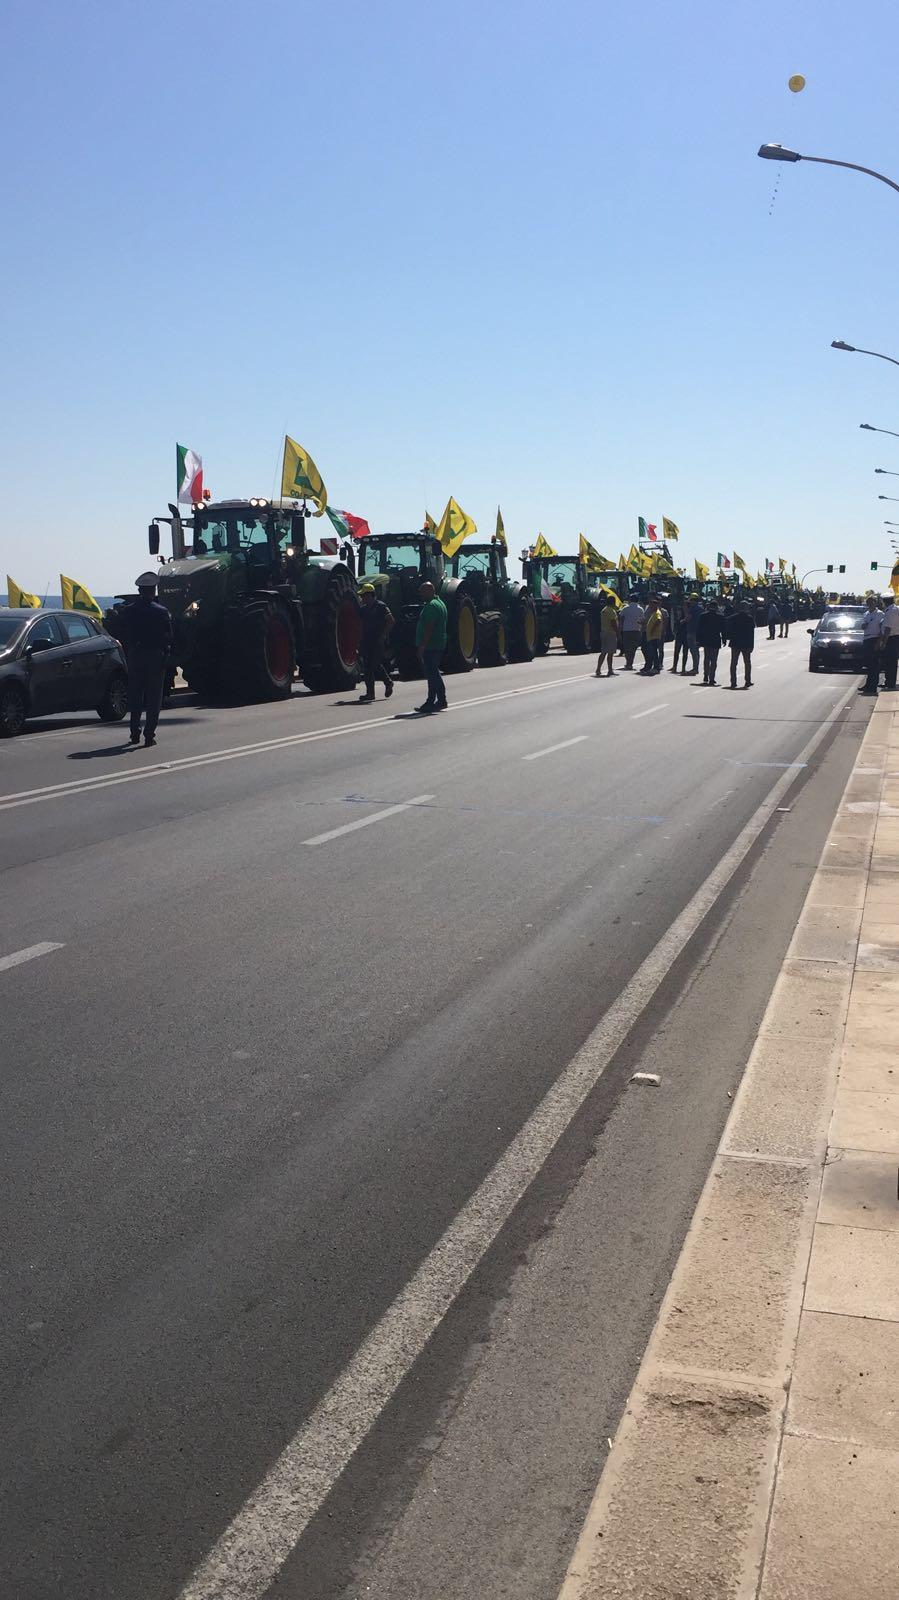 Bari, sospeso ad insaputa dei cittadini il servizio di Park & Ride di Pane e Pomodoro. Protestano gli abbonati della navetta